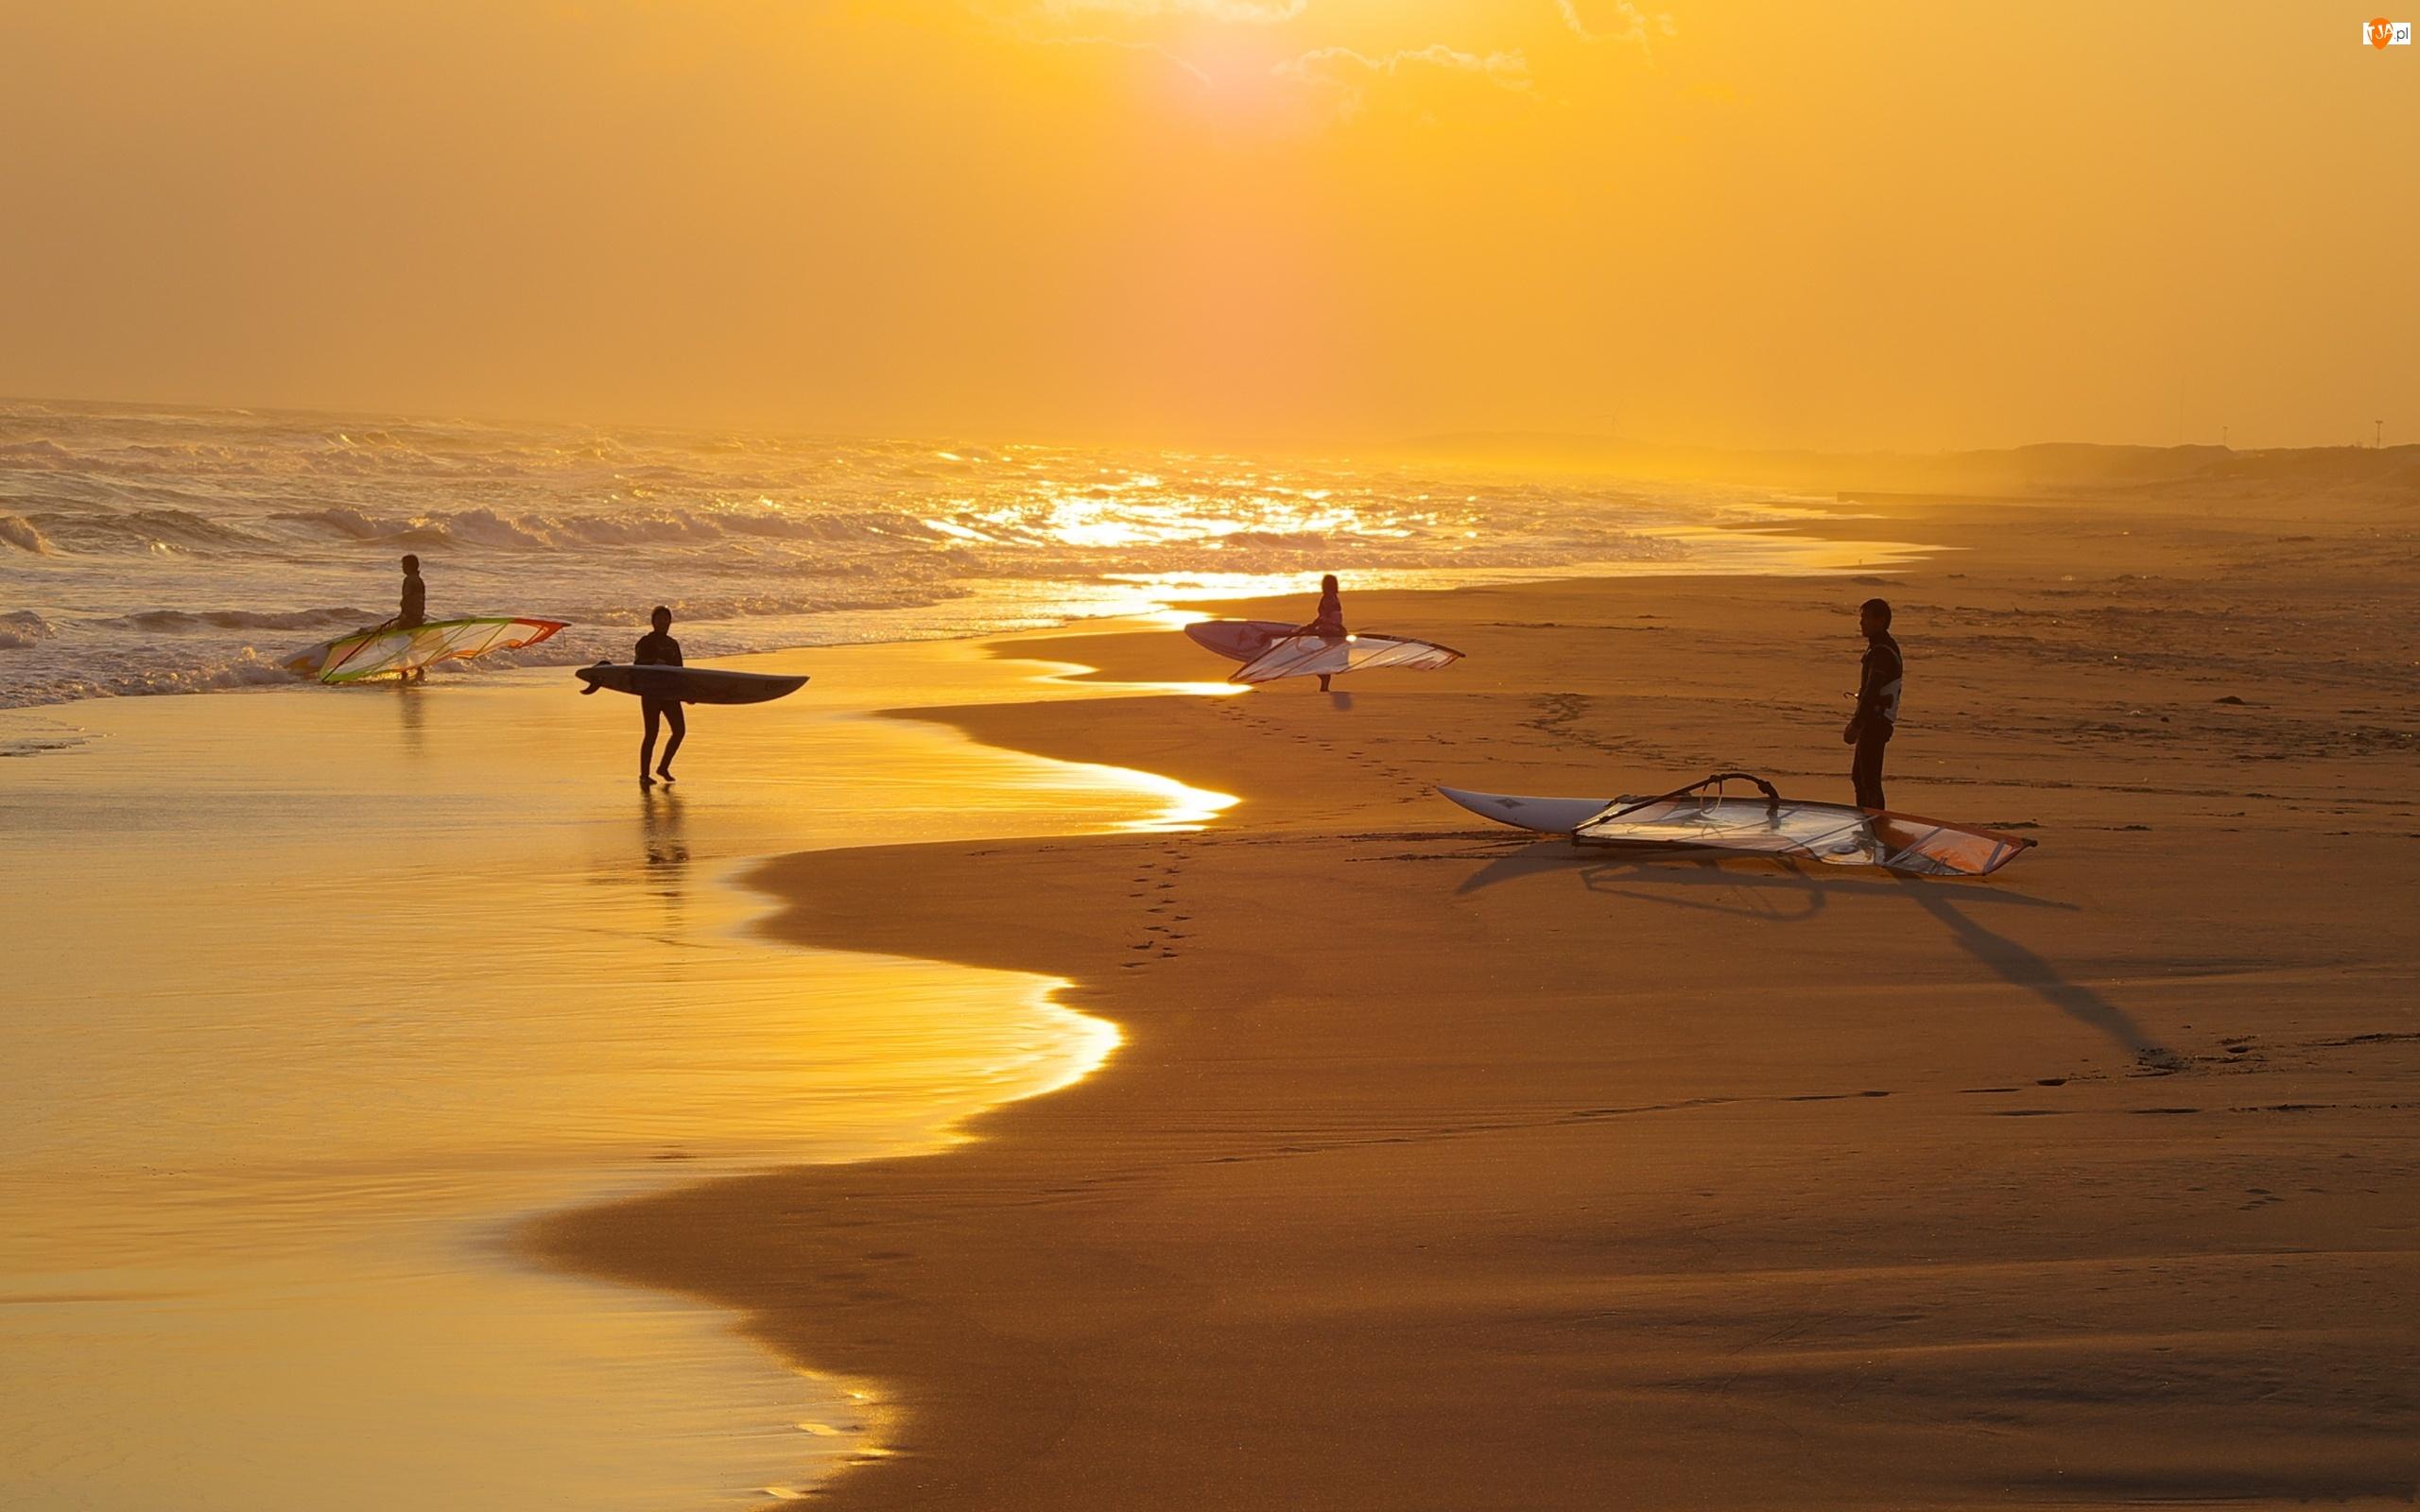 Plaża, Windsurfing, Zachód, Słońca